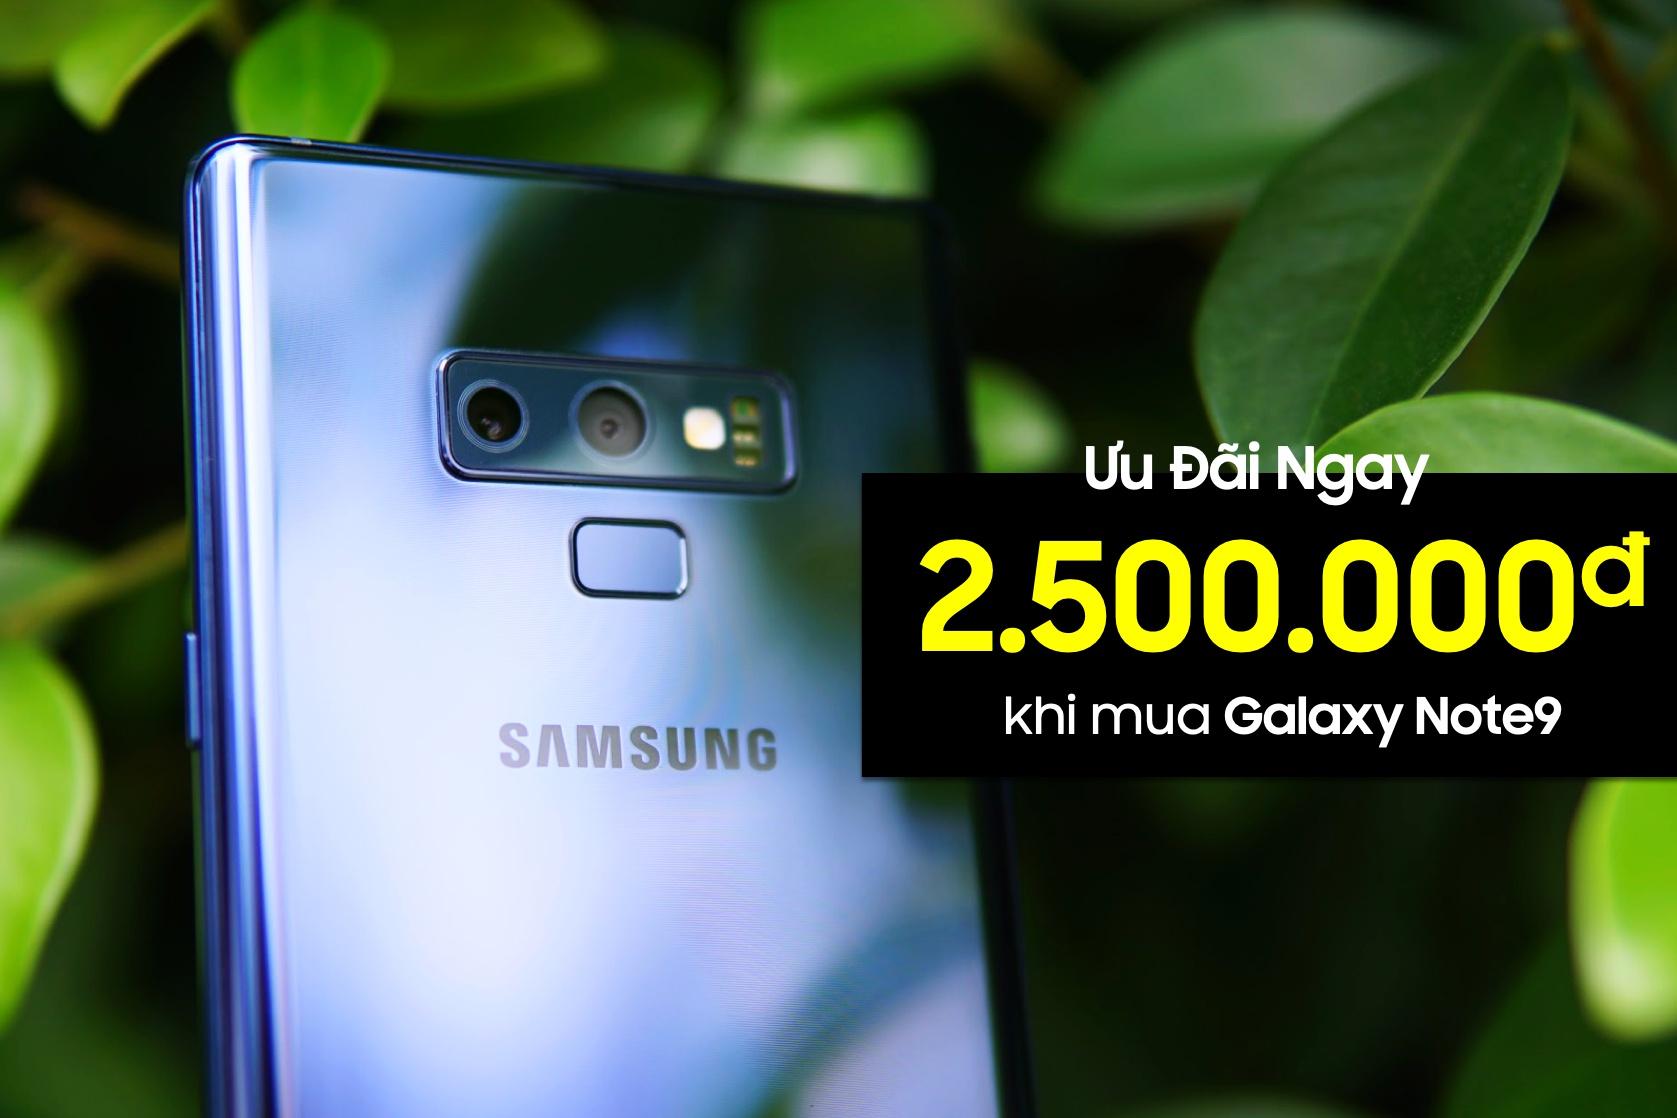 Ưu đãi 2,5 triệu đồng cho người dùng Samsung khi mua Galaxy Note9